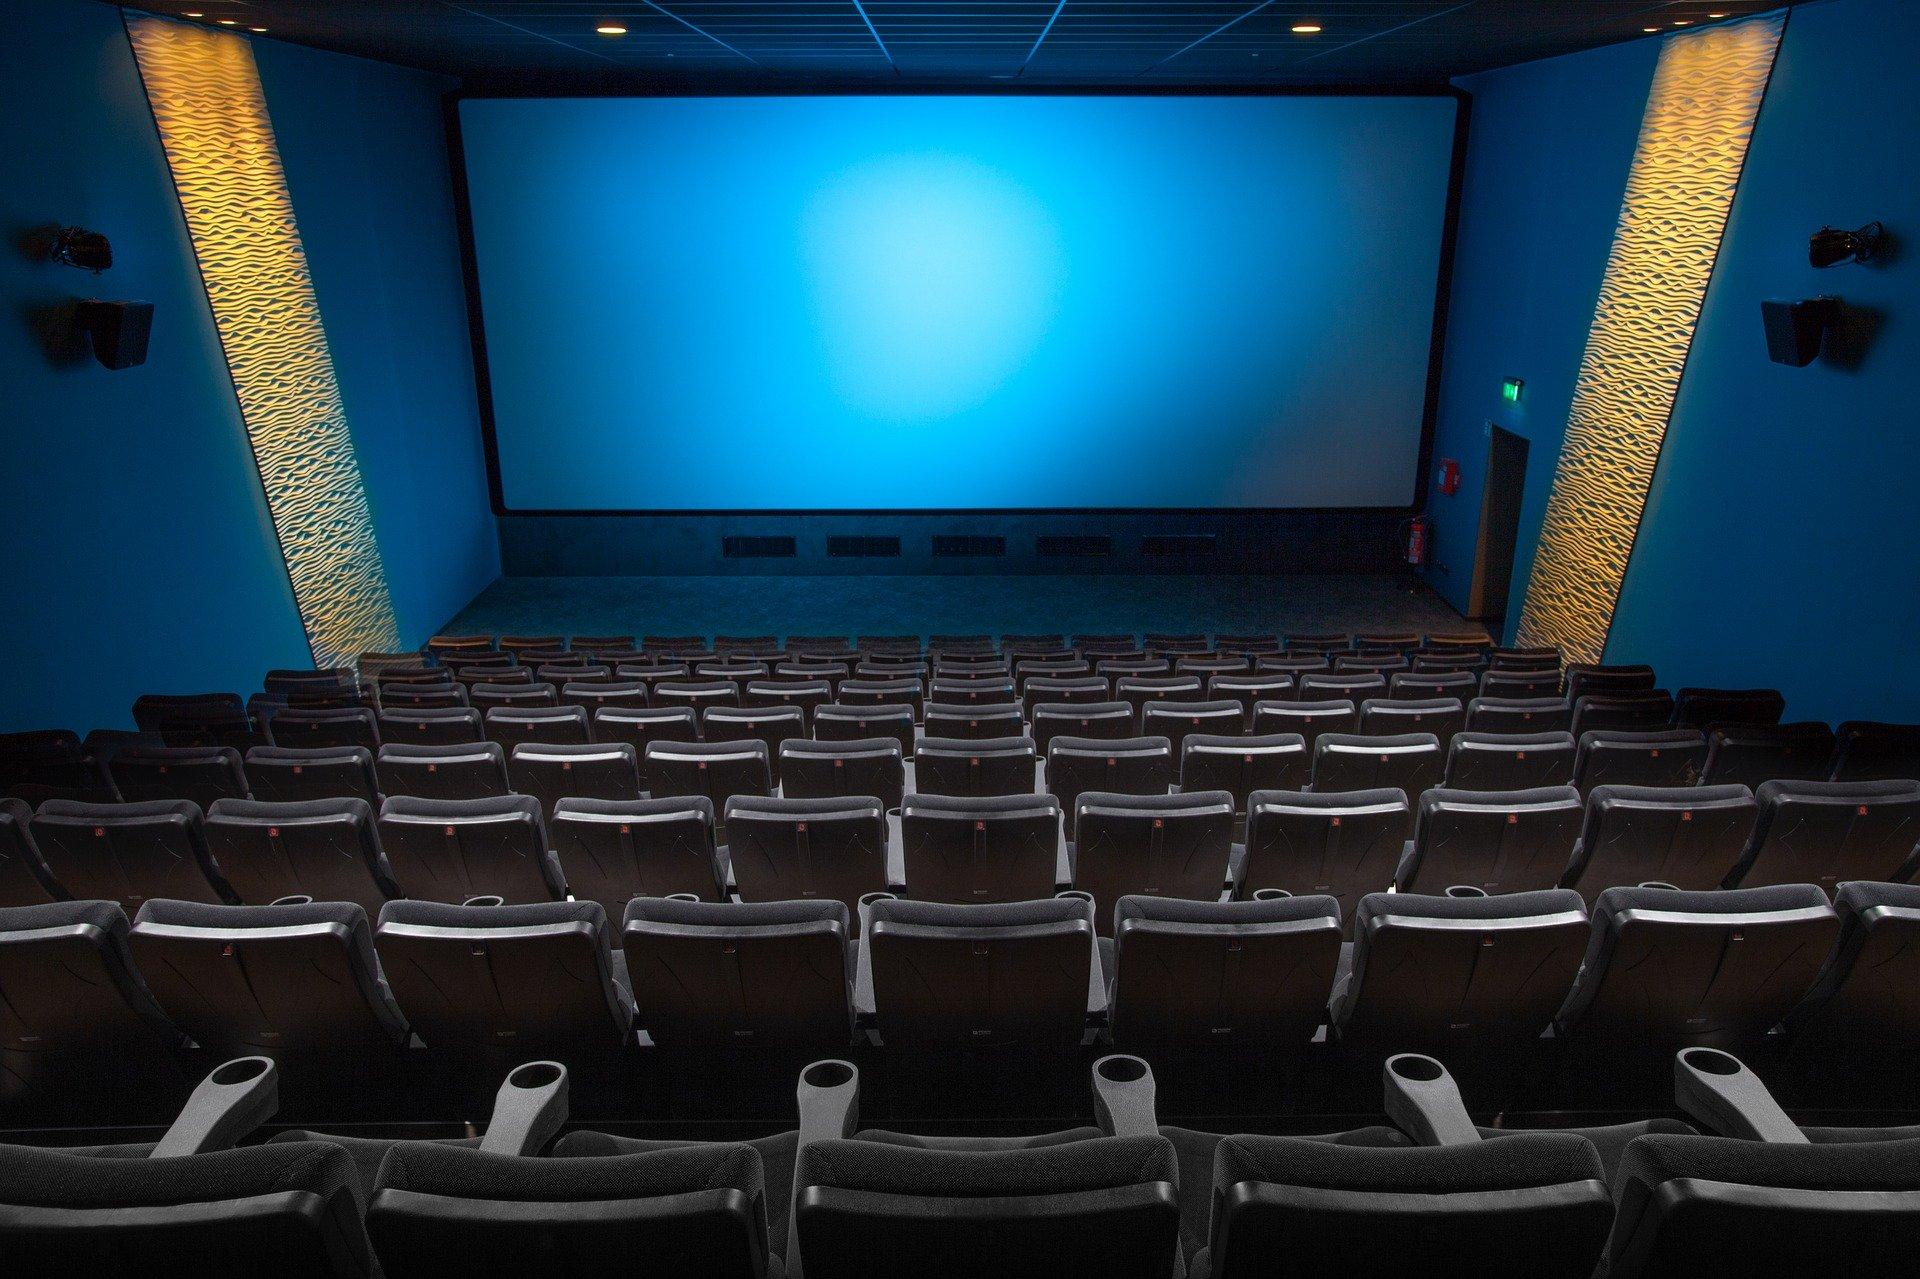 ¿Qué pasa con los clips de película? Aplicando el Principio Regulativo